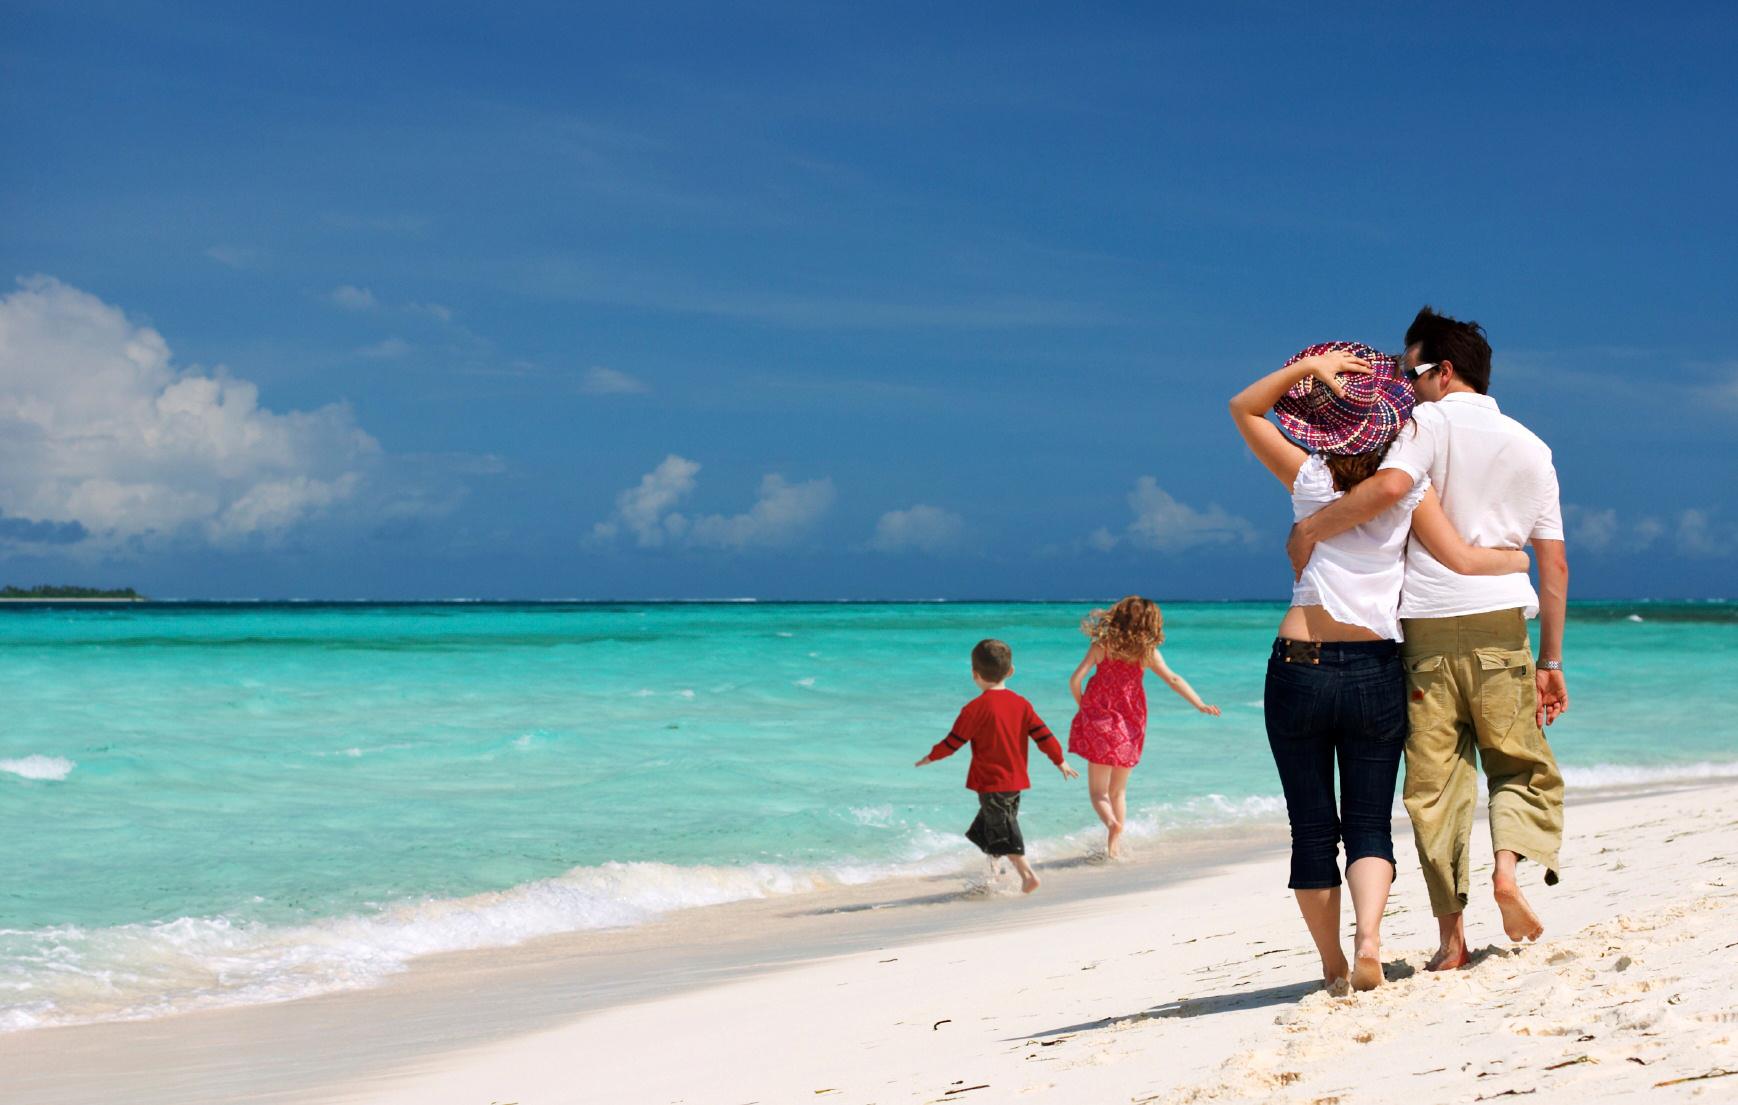 Tìm hiểu lợi ích của gói bảo hiểm du lịch gia đình